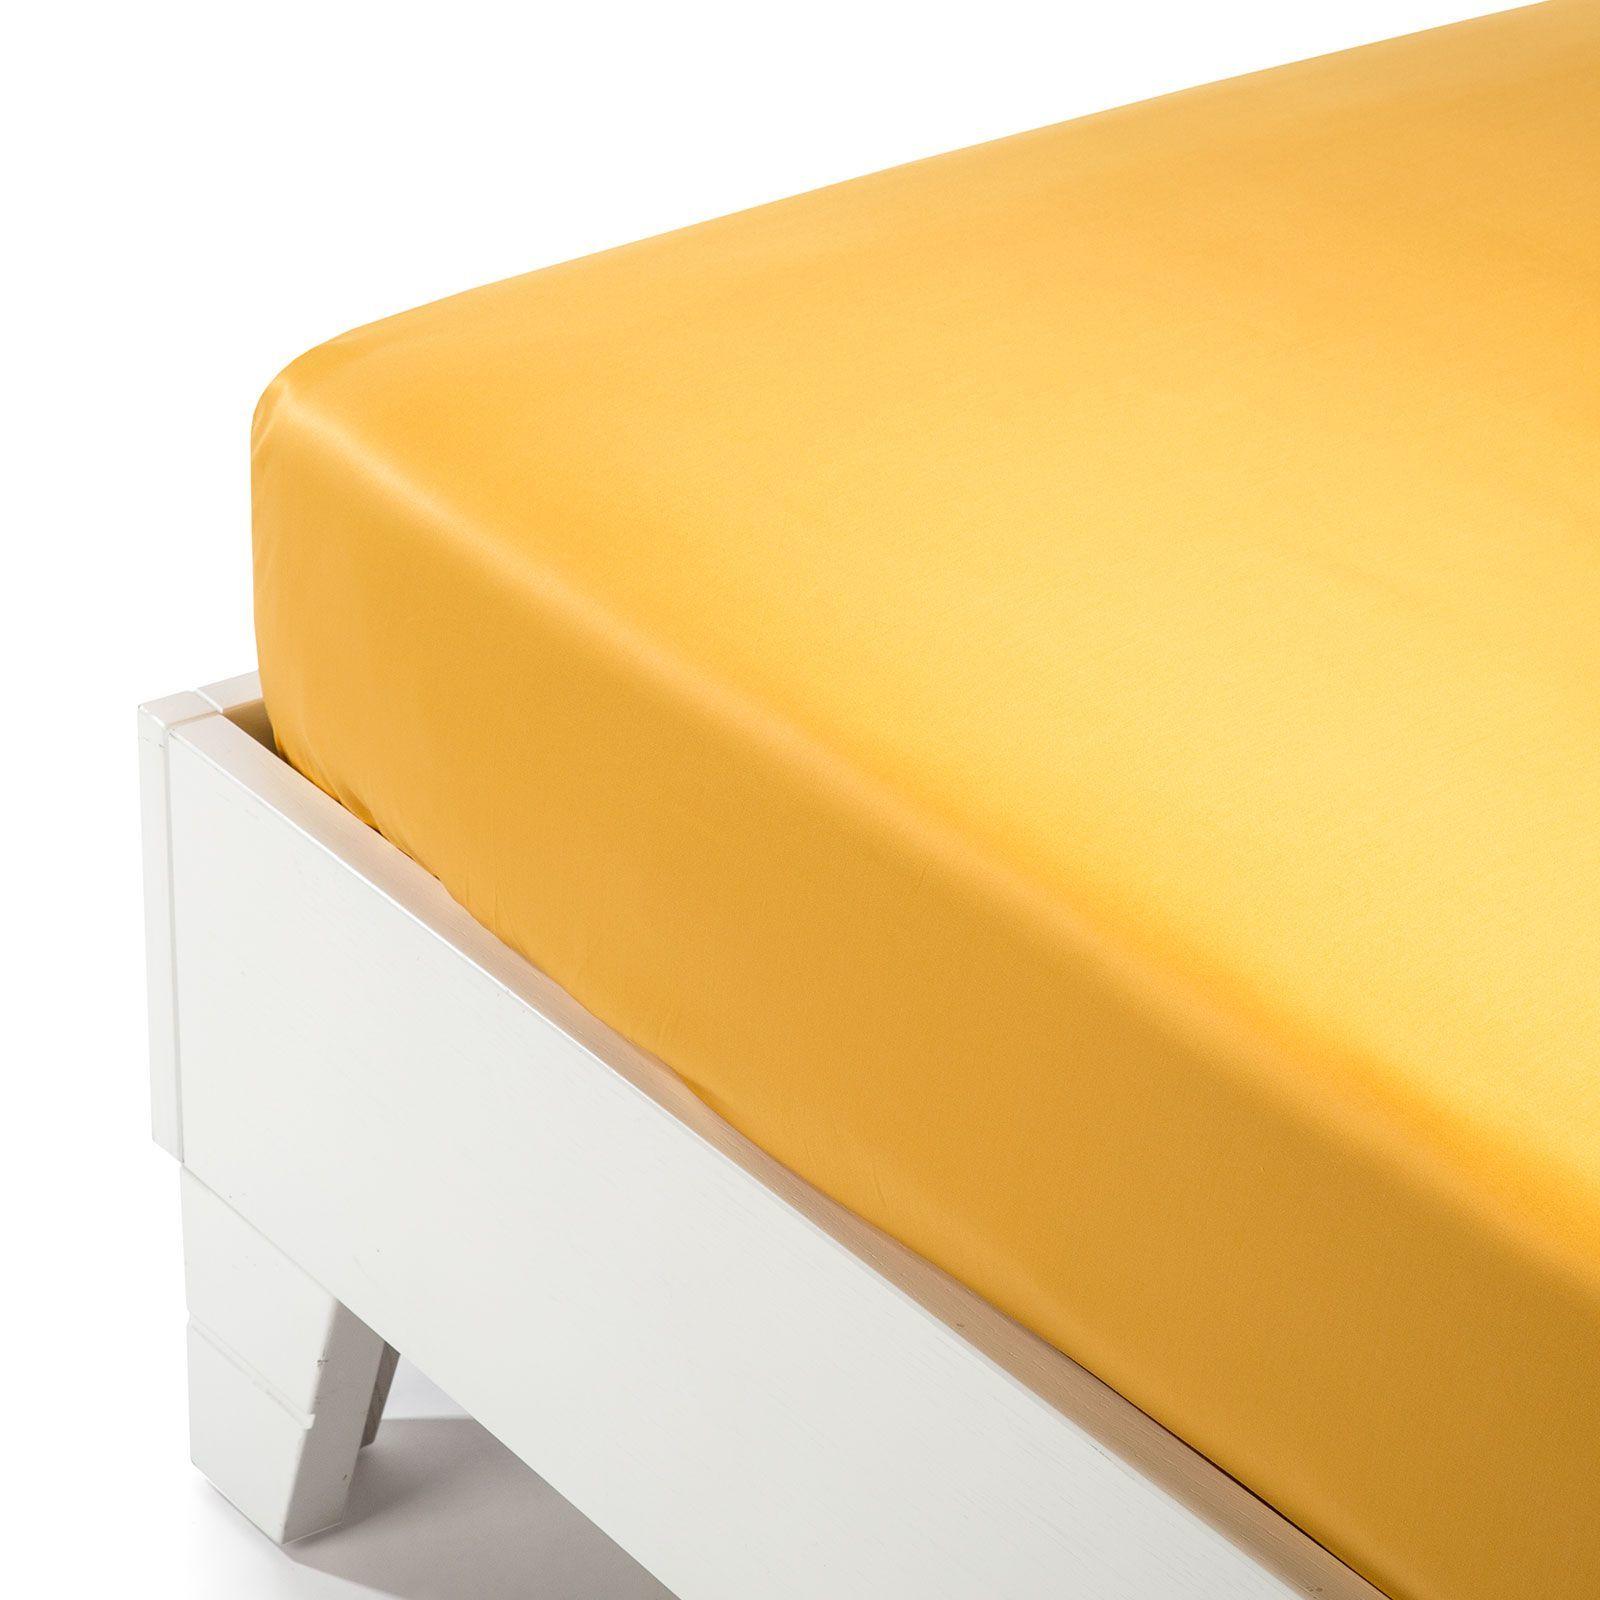 Простыни на резинке Простыня на резинке 180x200 Сaleffi Raso Tinta Unito с бордюром сатин золотая prostynya-na-rezinke-160x200-saleffi-raso-tinta-unito-s-bordyurom-satin-oro-italiya.jpg